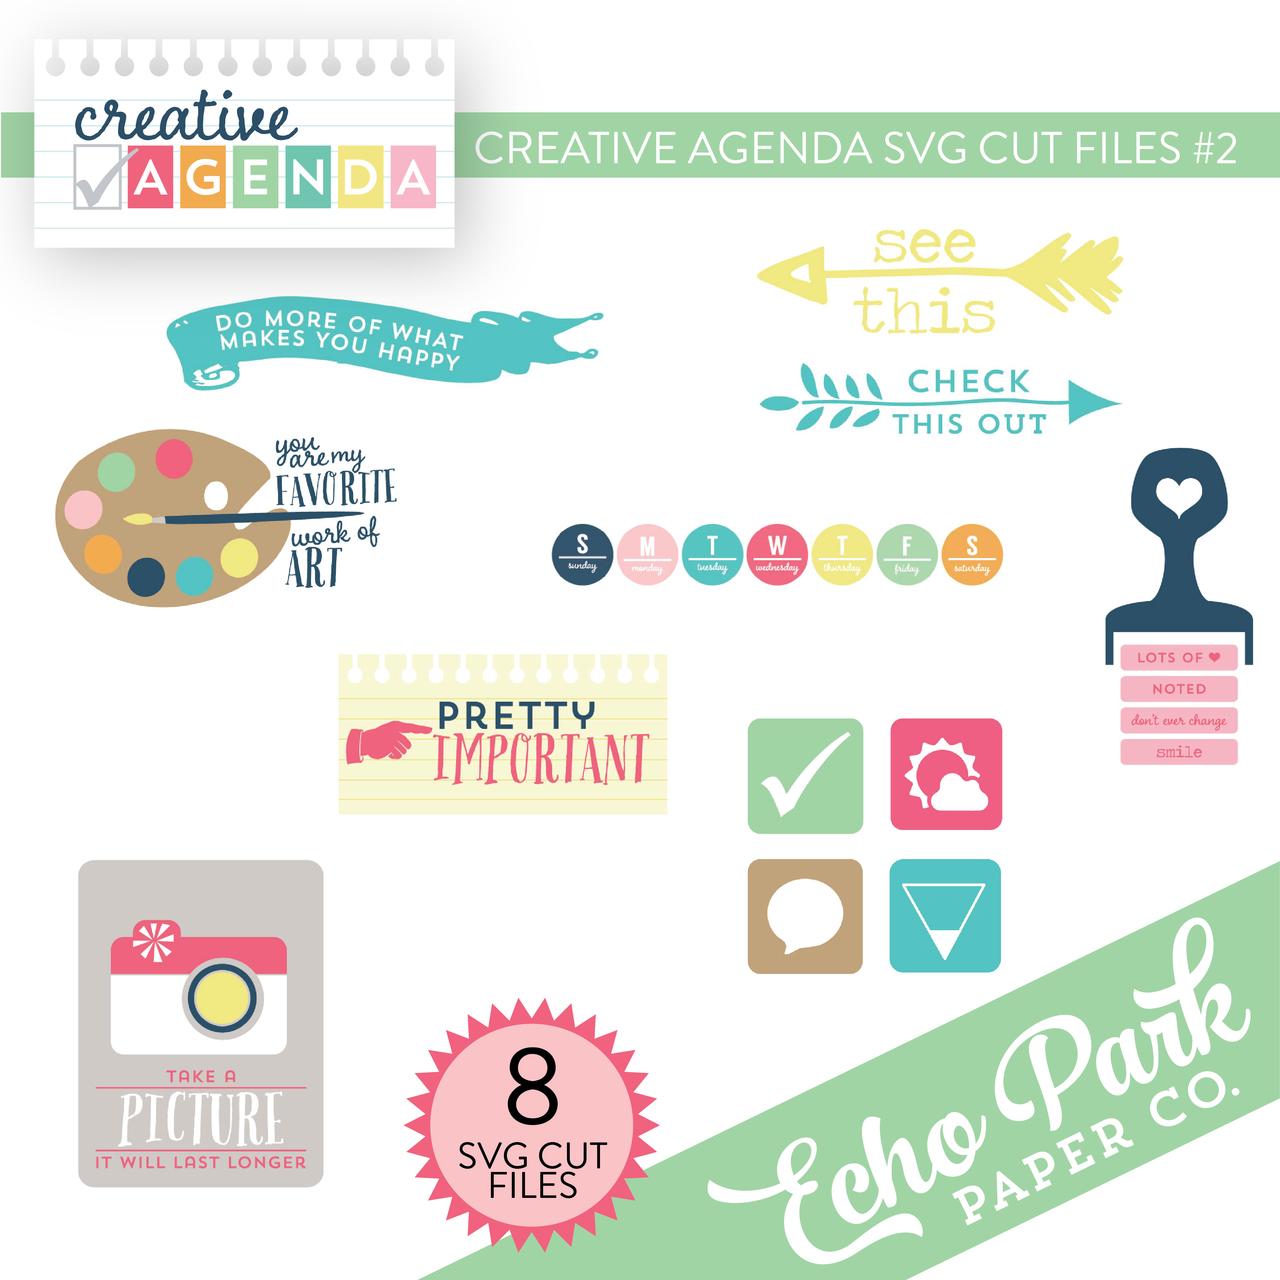 Creative Agenda SVG Cut Files #2